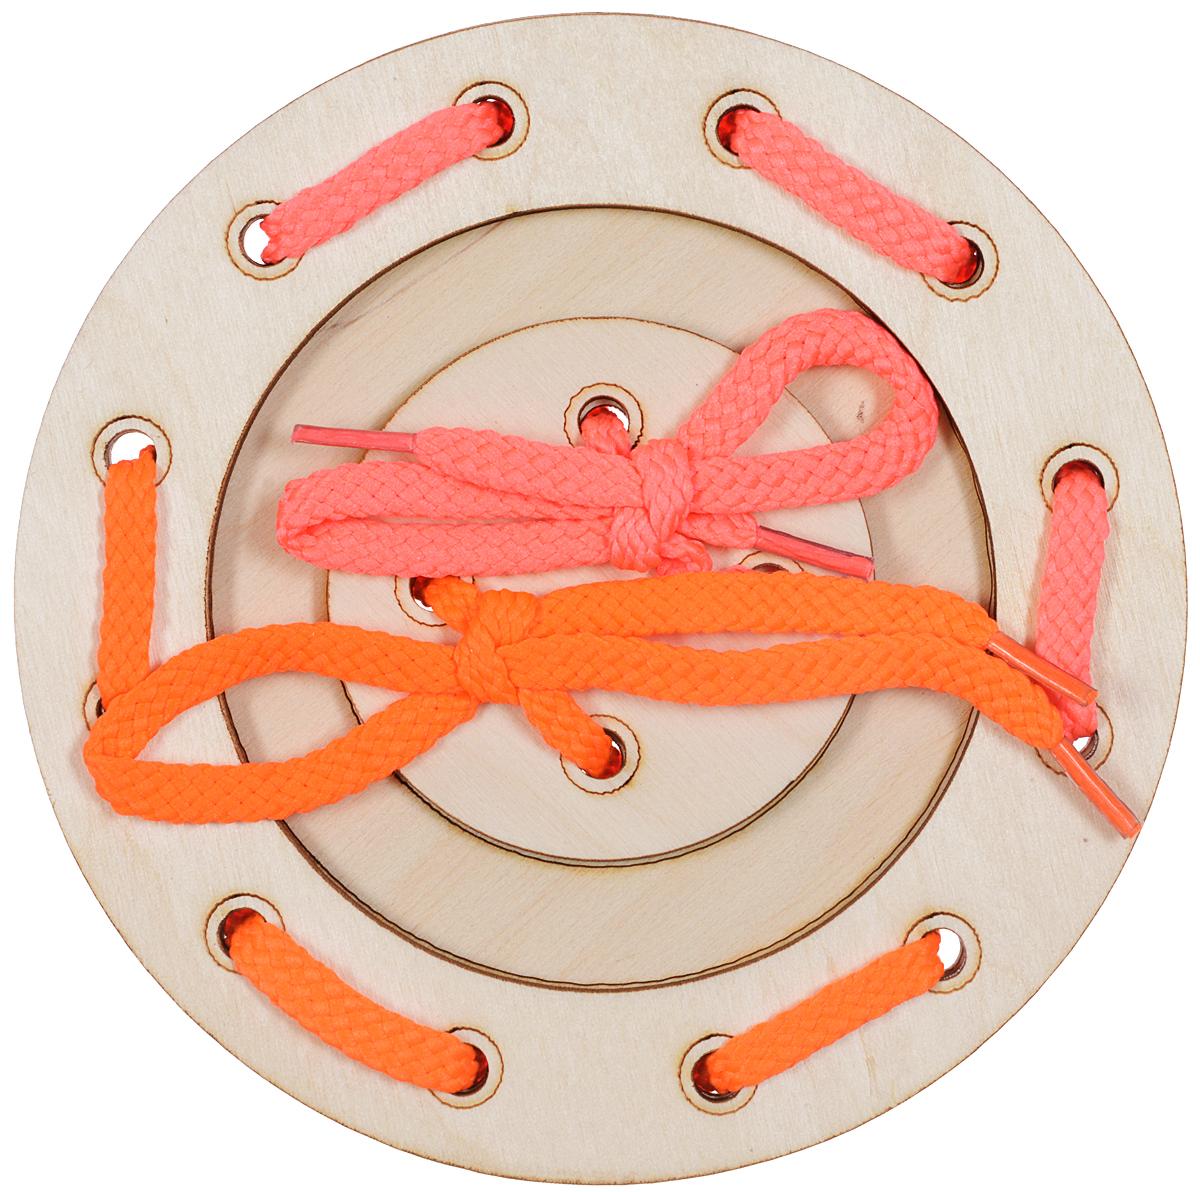 Мастер Вуд Игра-шнуровка Пуговичка цвет розовый оранжевыйДШ-1Игра-шнуровка Мастер Вуд Пуговичка - яркая и несложная игрушка, которая очень понравится вашему малышу. Она выполнена из дерева лиственных пород в виде пуговки, состоящей из трех элементов. Задача малыша - продеть два шнурка разных цветов в отверстия основы, собрав пуговку. Игрушка-шнуровка развивает воображение, пространственное мышление, координацию движений, ловкость, положительно влияет на эмоциональное состояние ребенка и его настроение.